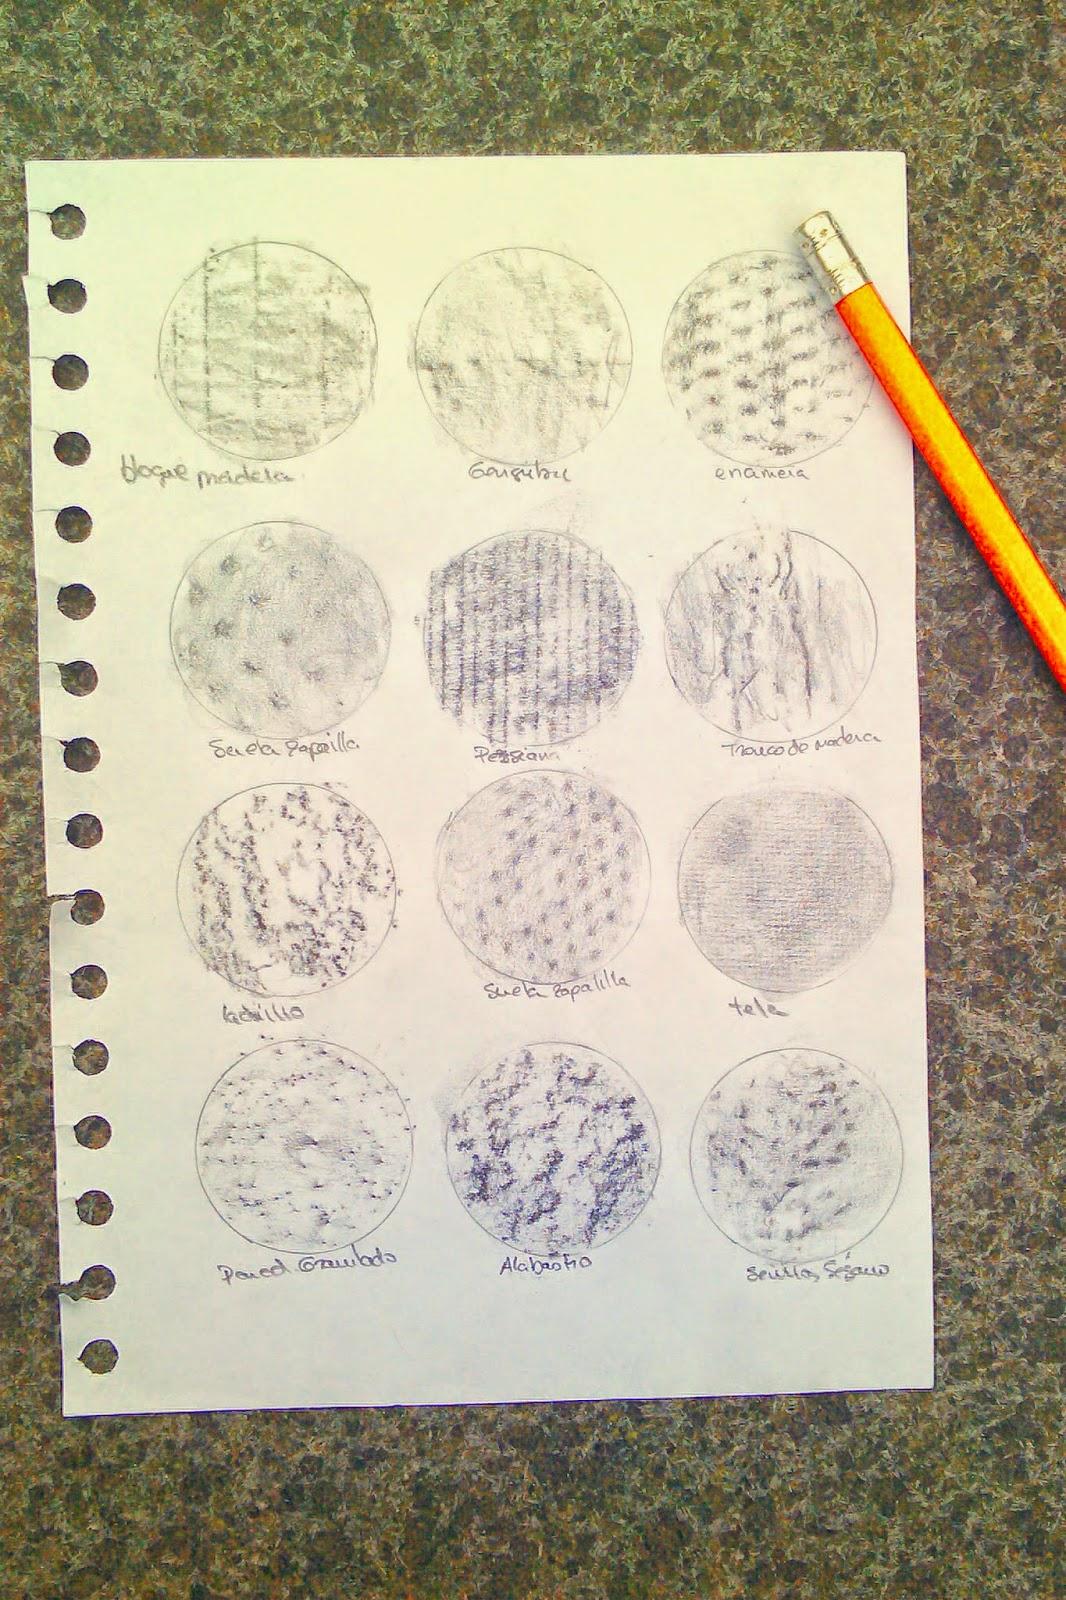 Técnicas de dibujo (texturas): técnica de frottage   CandyTutoriales